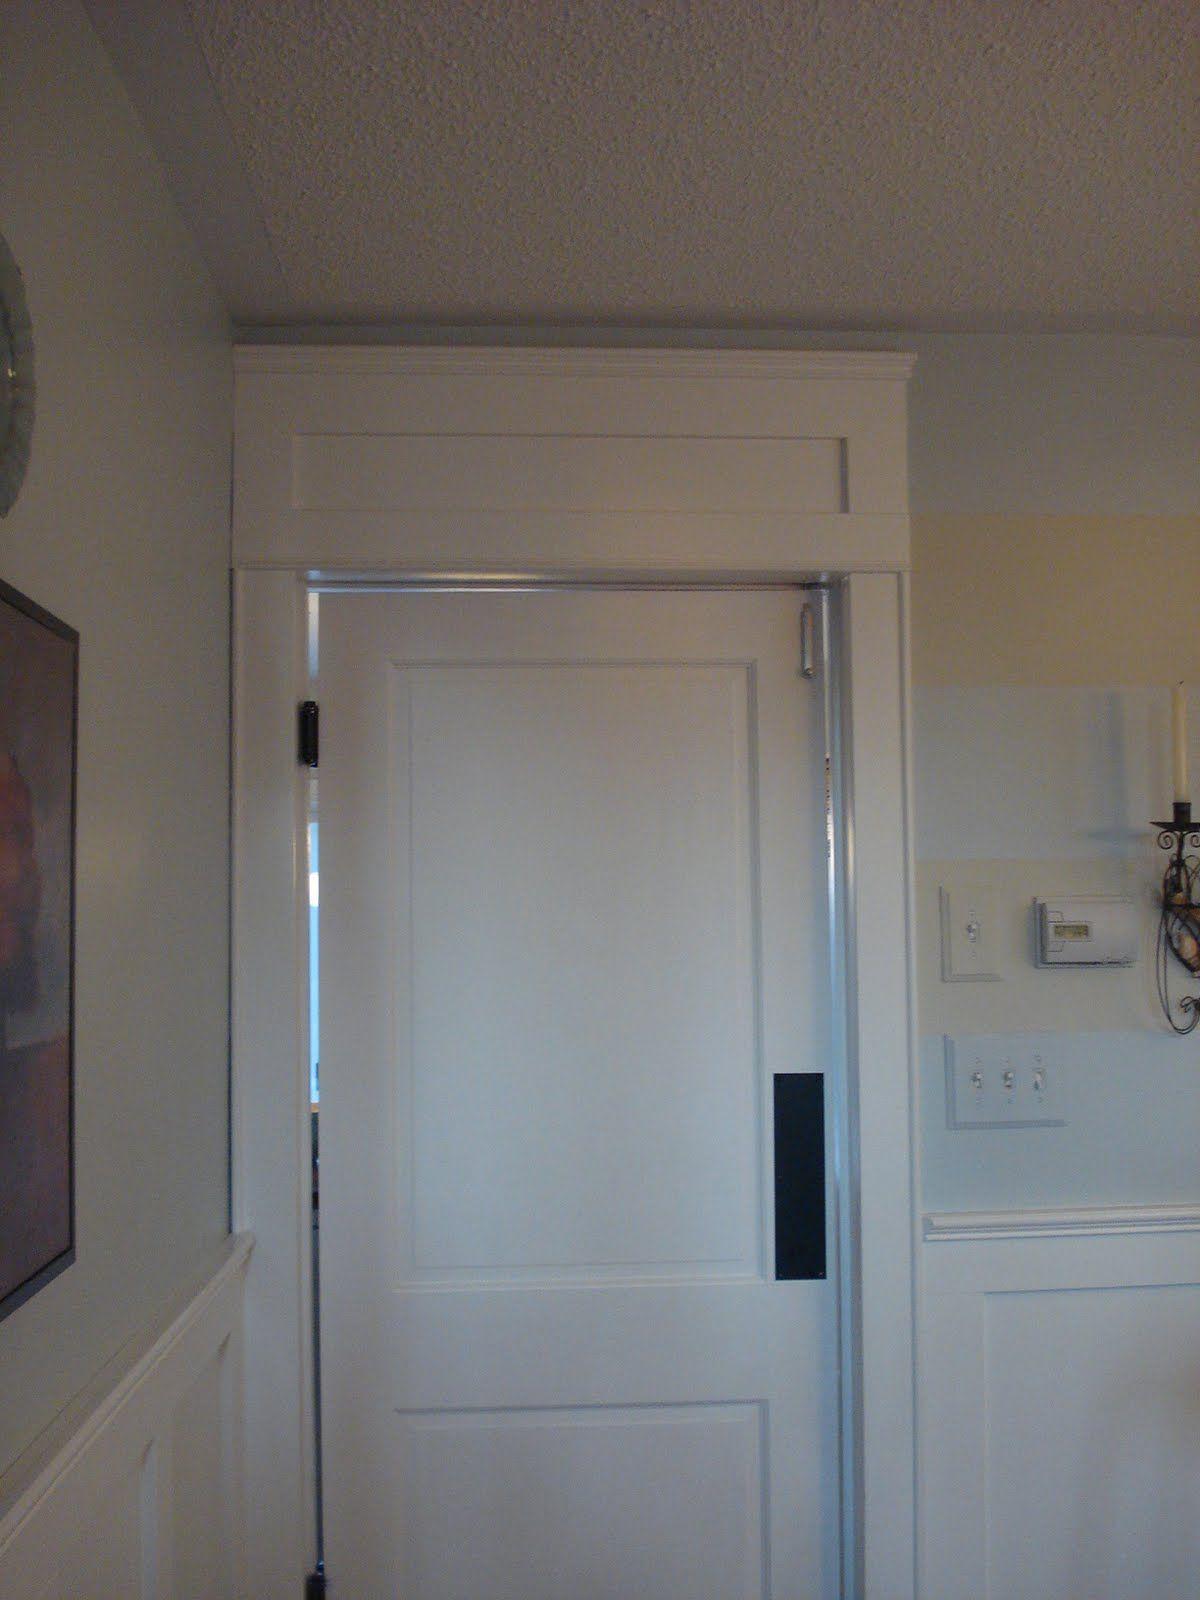 Faux Transom Above Door Above Door Decor Wooden Doors Living Room Door